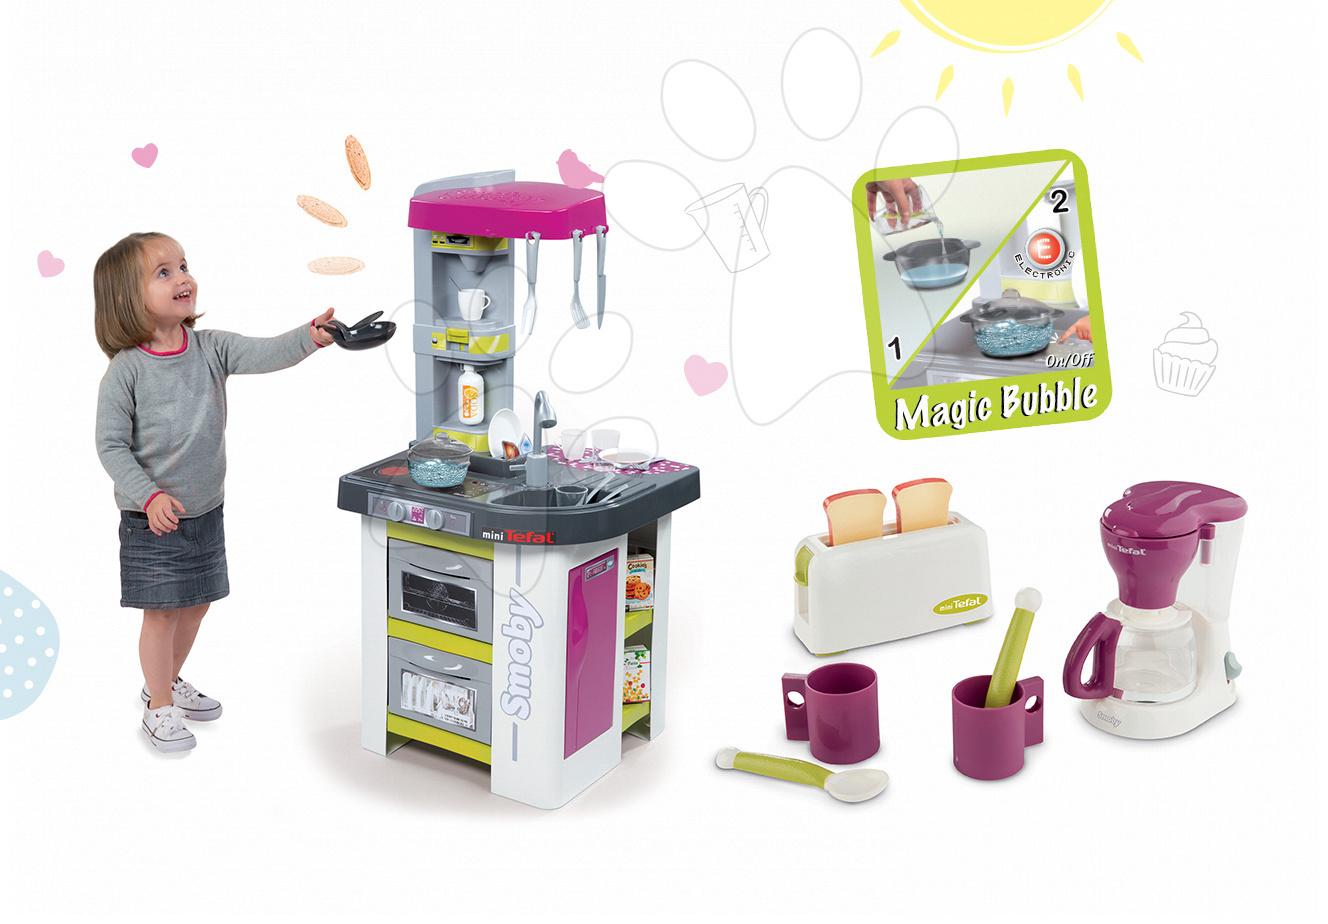 Set dětská kuchyňka Tefal Studio BBQ Bublinky Smoby s magickým bubláním a sada kávovaru a topinkovače